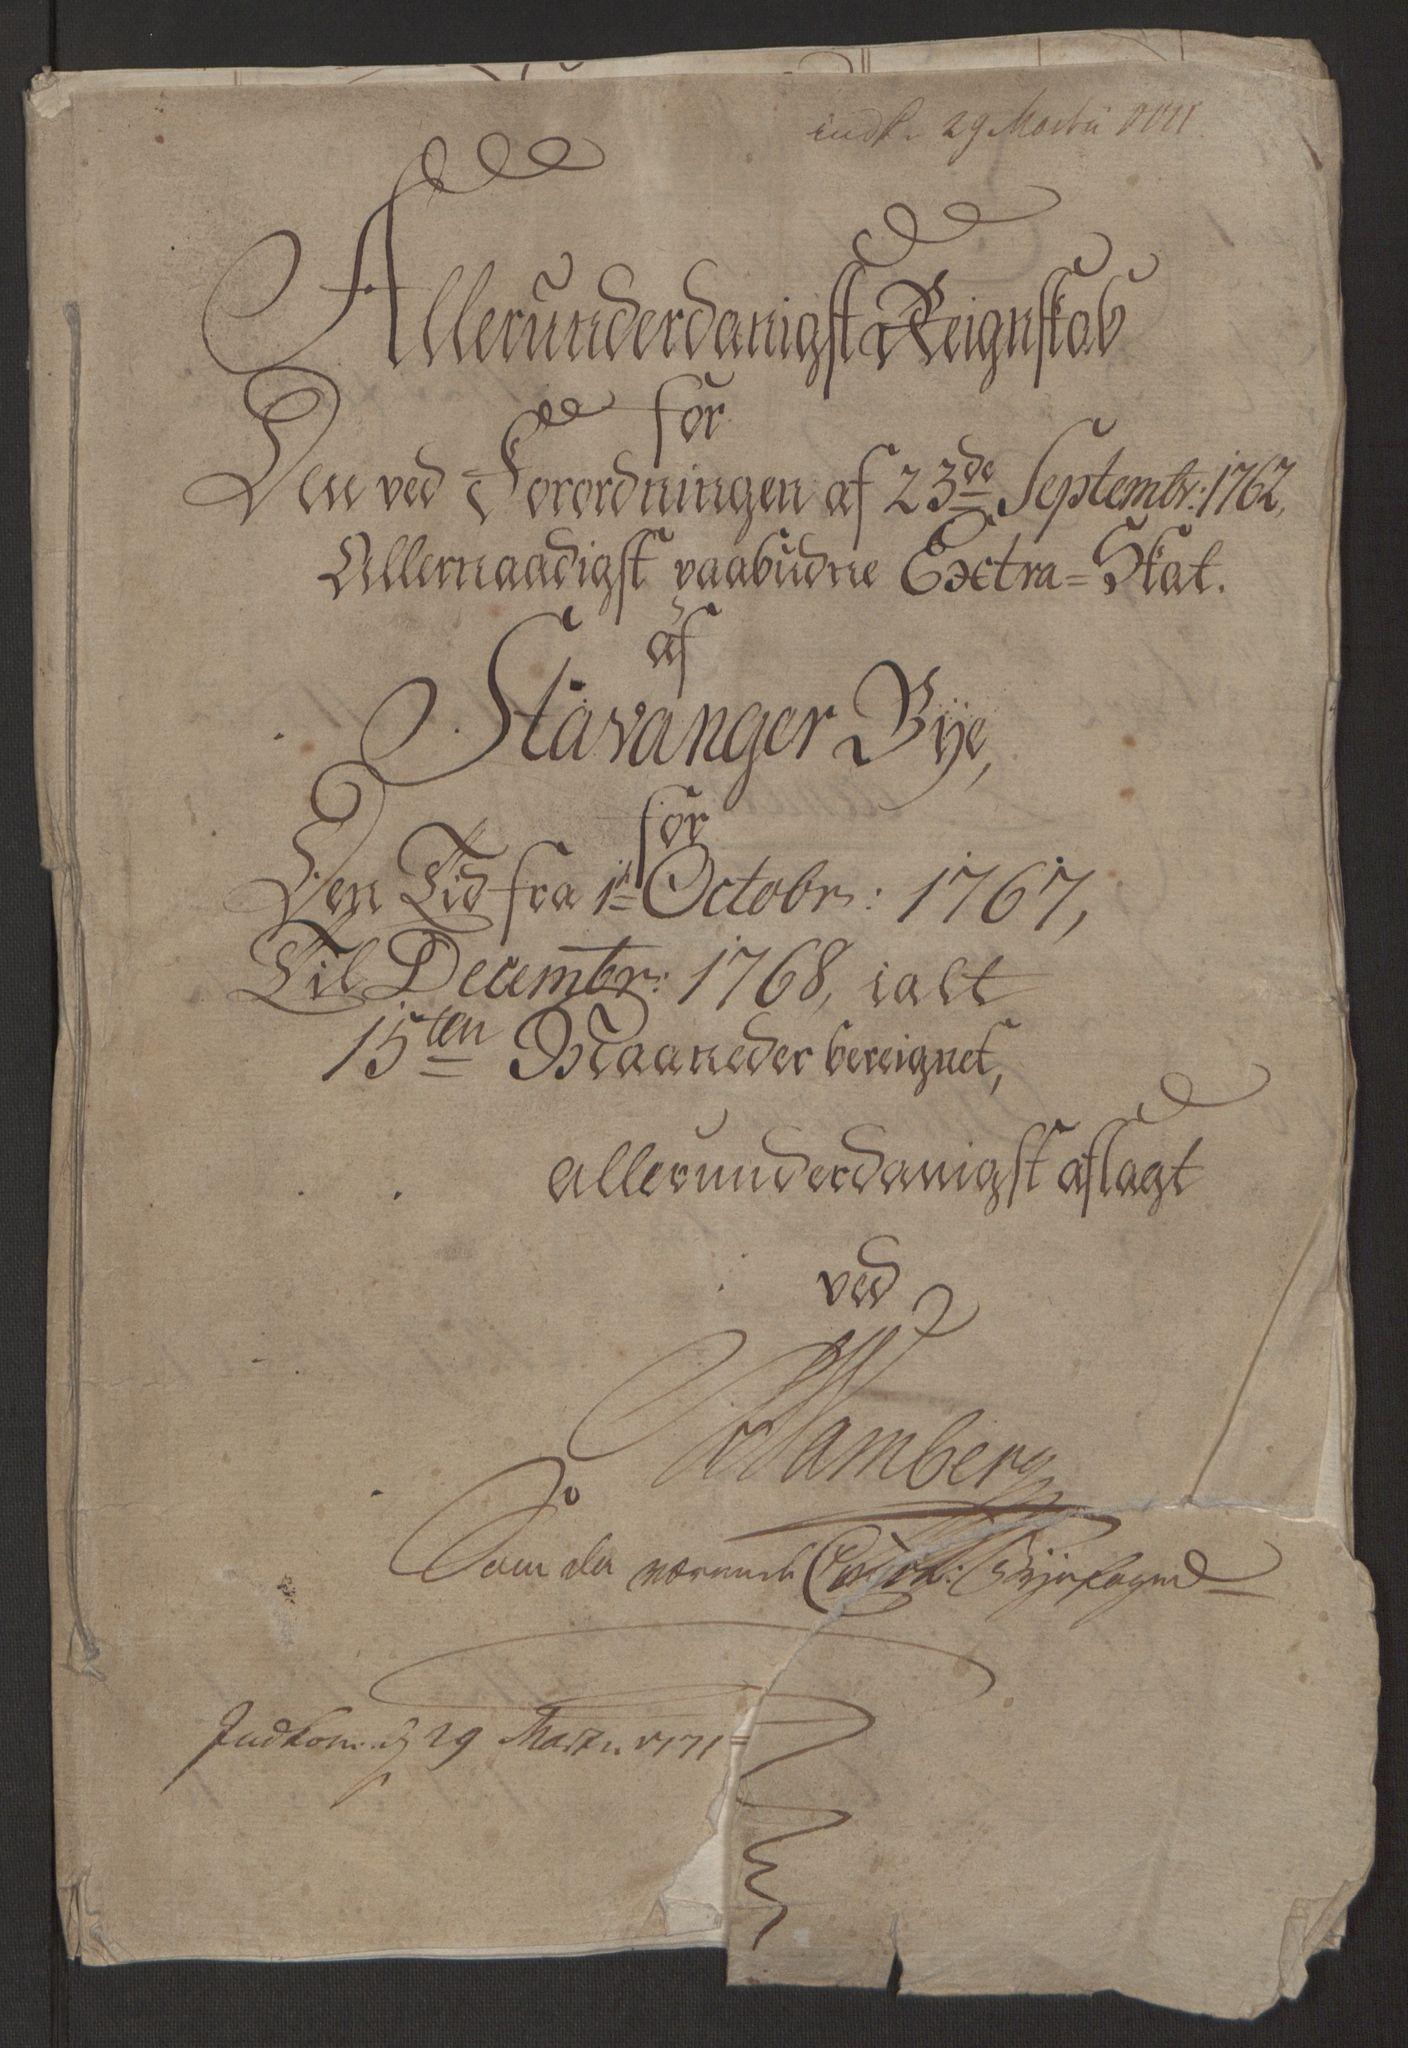 RA, Rentekammeret inntil 1814, Reviderte regnskaper, Byregnskaper, R/Ro/L0305: [O6] Kontribusjonsregnskap, 1762-1768, s. 336